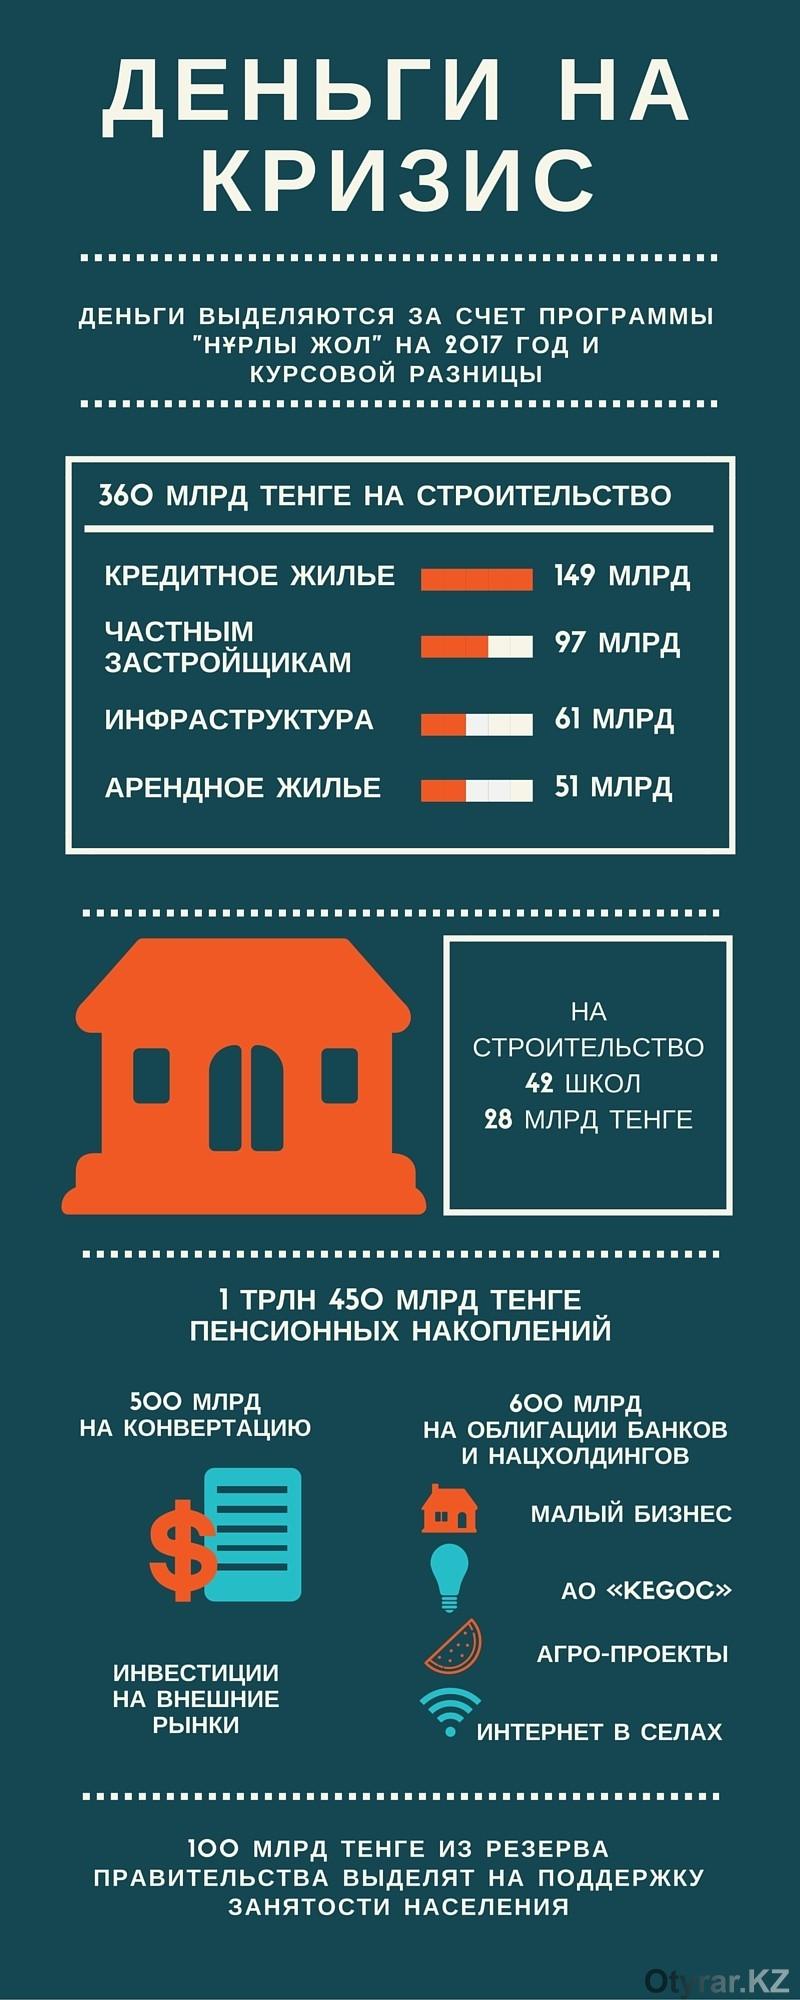 антикризисные меры в Казахстане